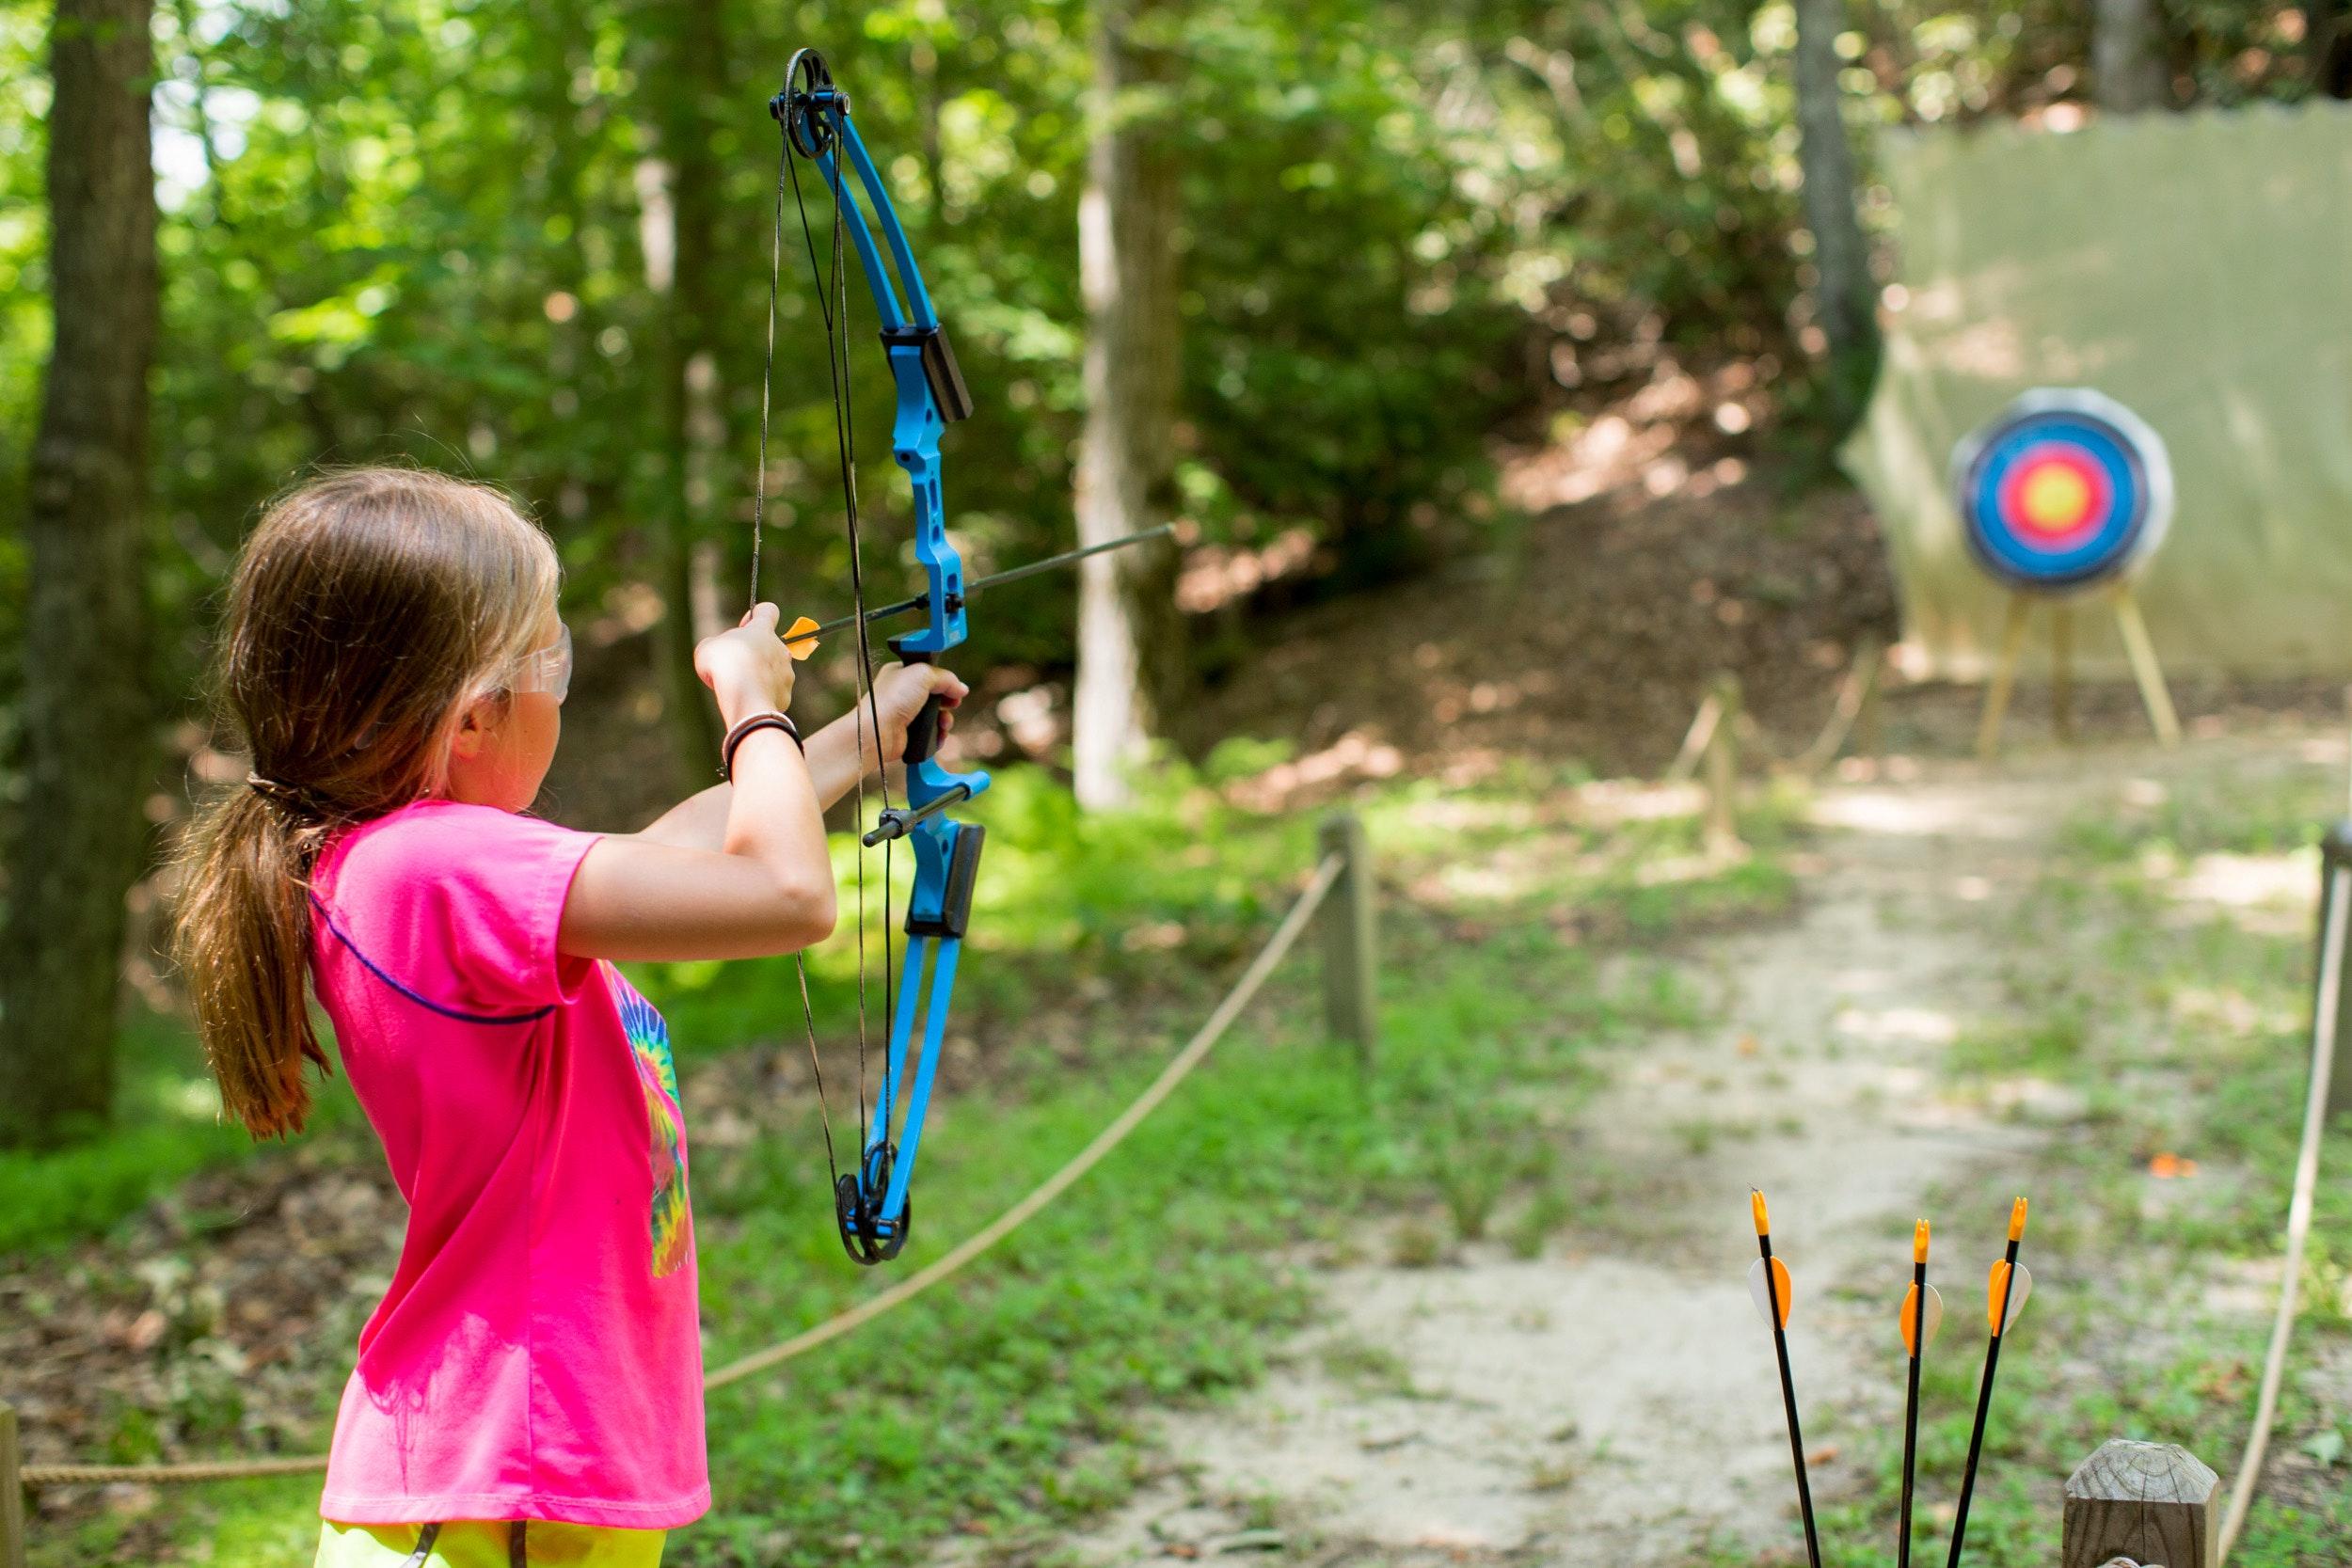 Junior camp specific activities at highlander coed summer camp north carolina.jpg?ixlib=rails 2.1